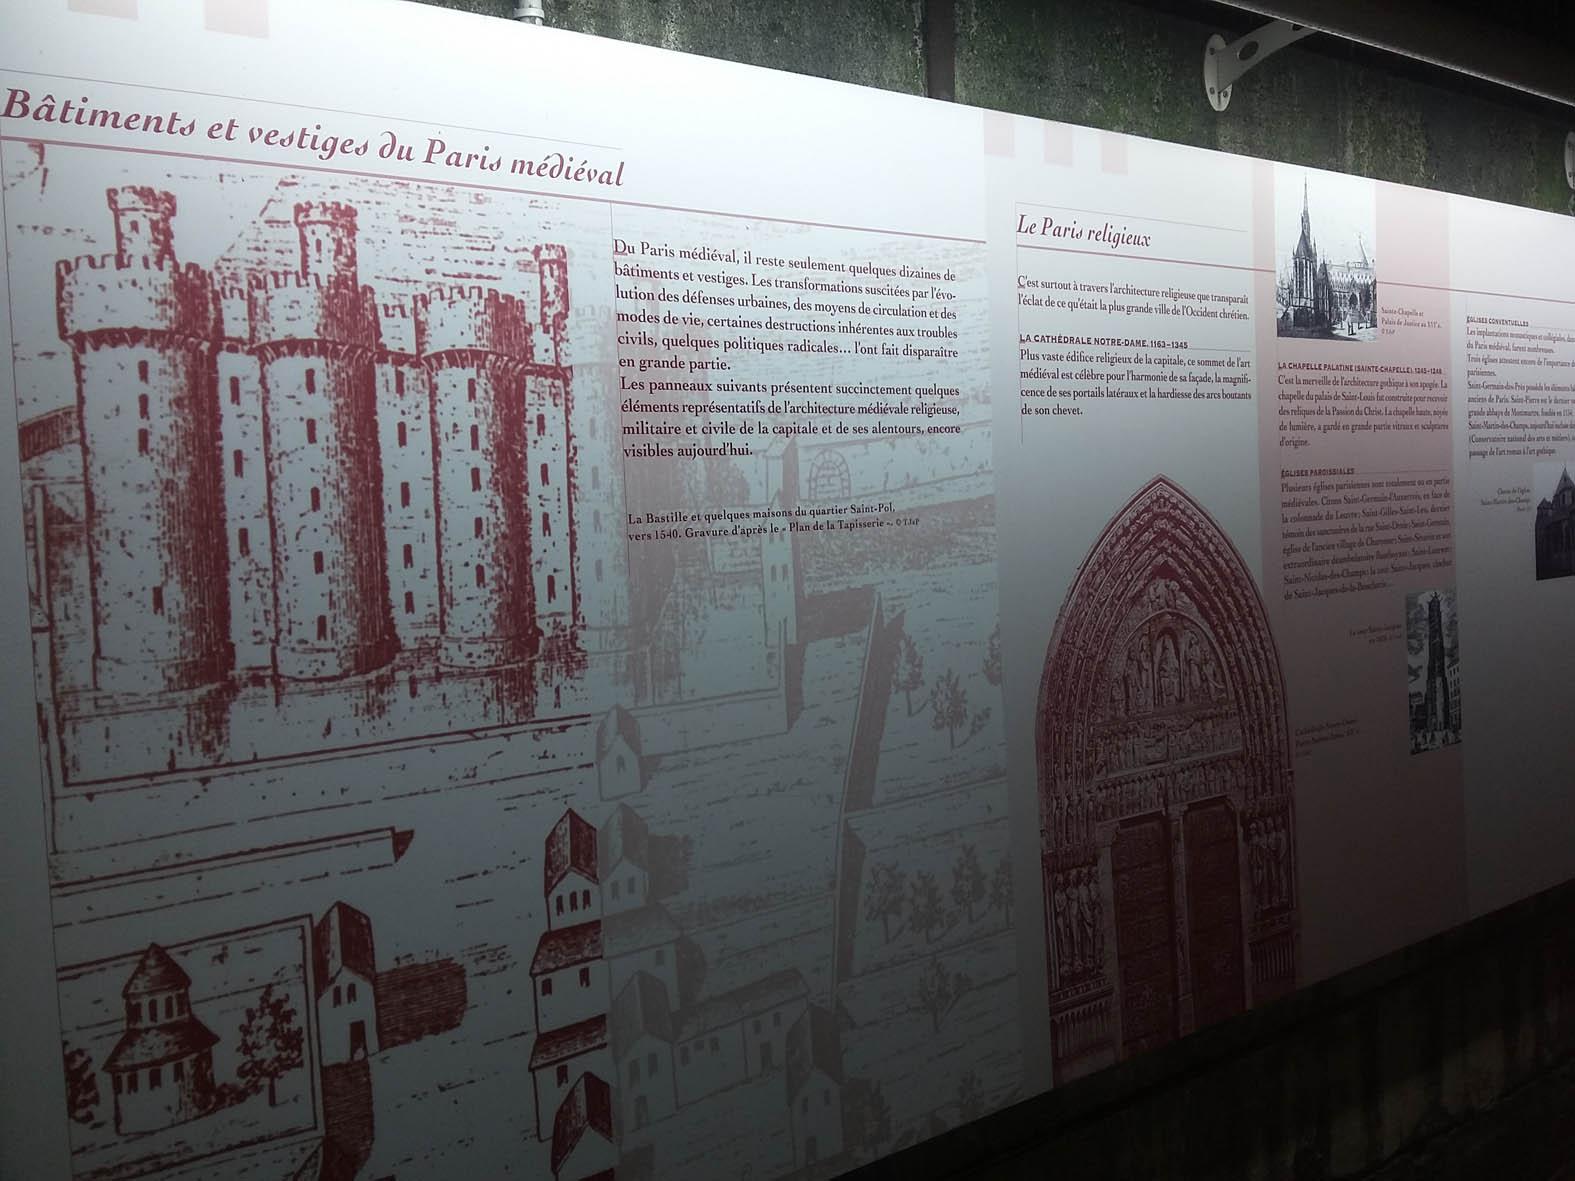 Galerie paris medieval-Tour jean sans peur